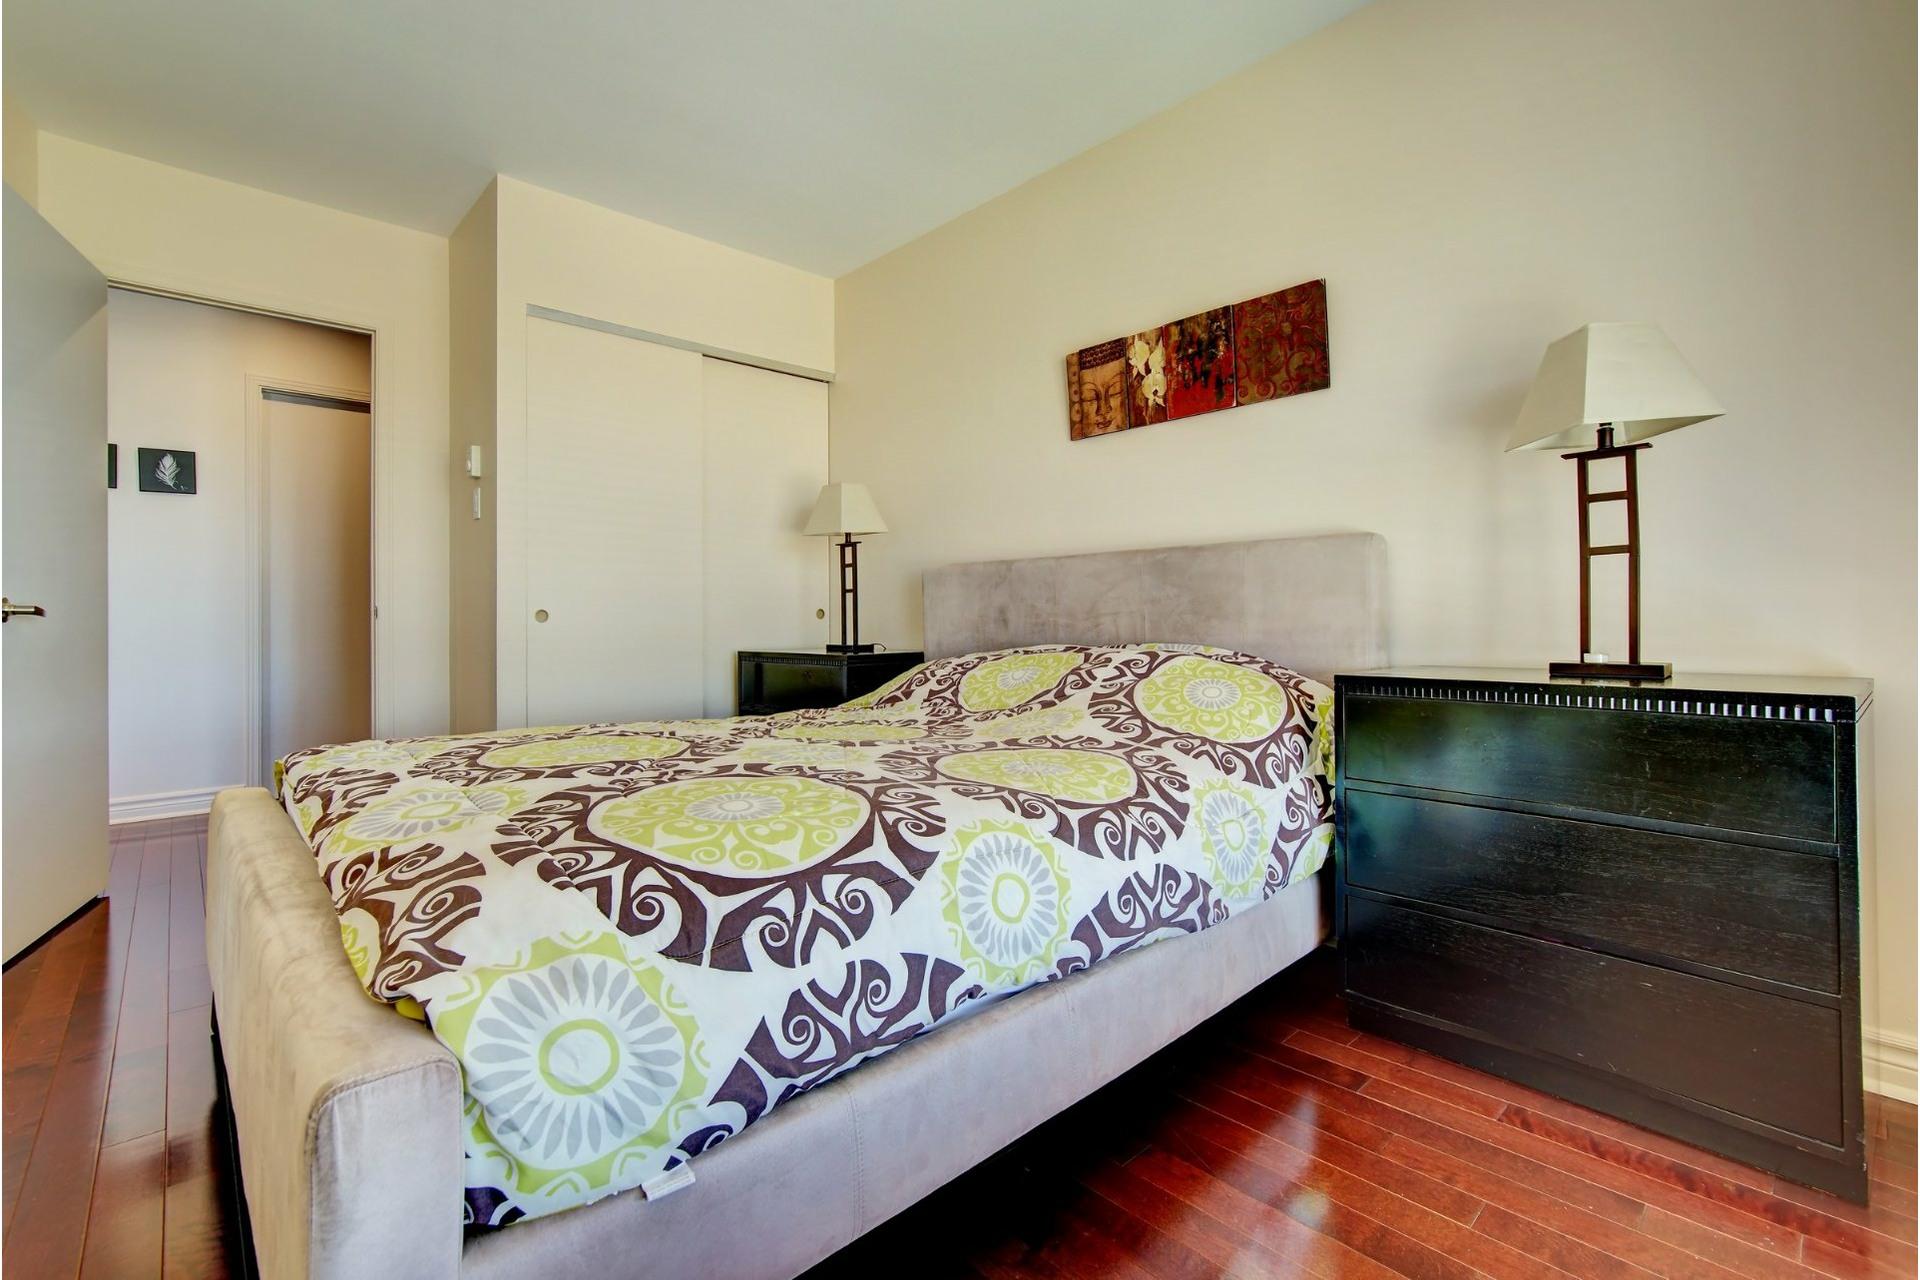 image 14 - Apartment For rent Laval-des-Rapides Laval  - 5 rooms